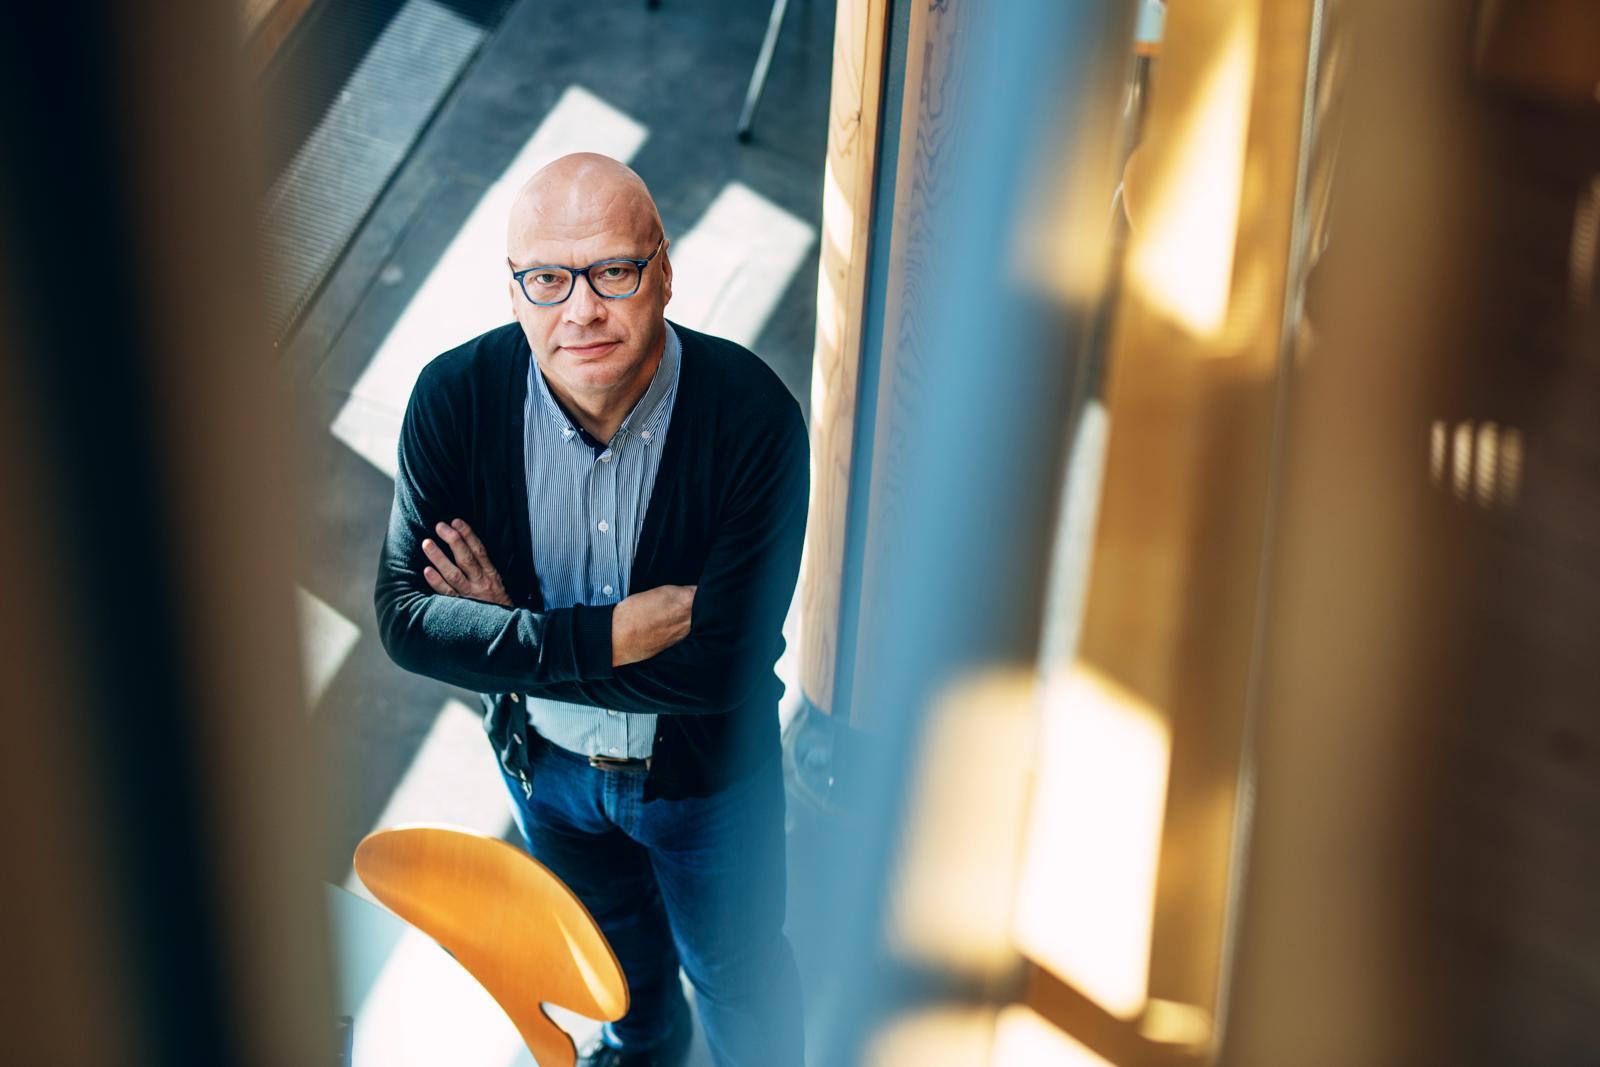 Timo Tiikkaja on Compass Group FS Finland Oy:n alueellinen pääluottamusmies ja PAMin hallituksen jäsen. Kuva: Lauri Rotko